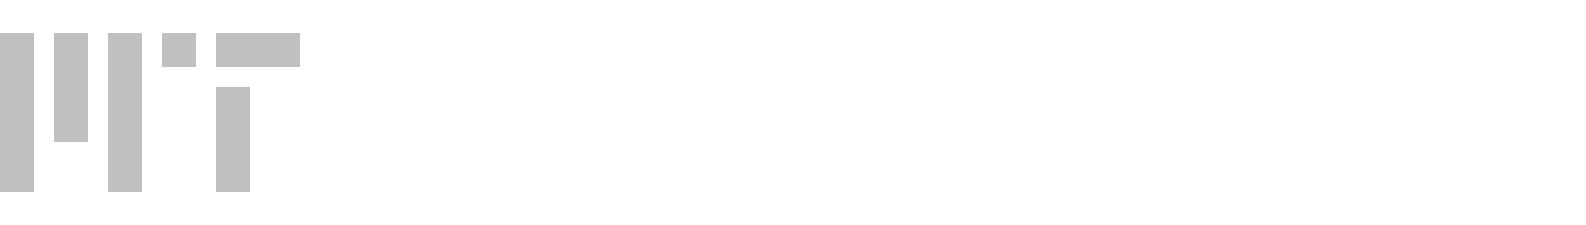 MIT Megacity Logistics Lab